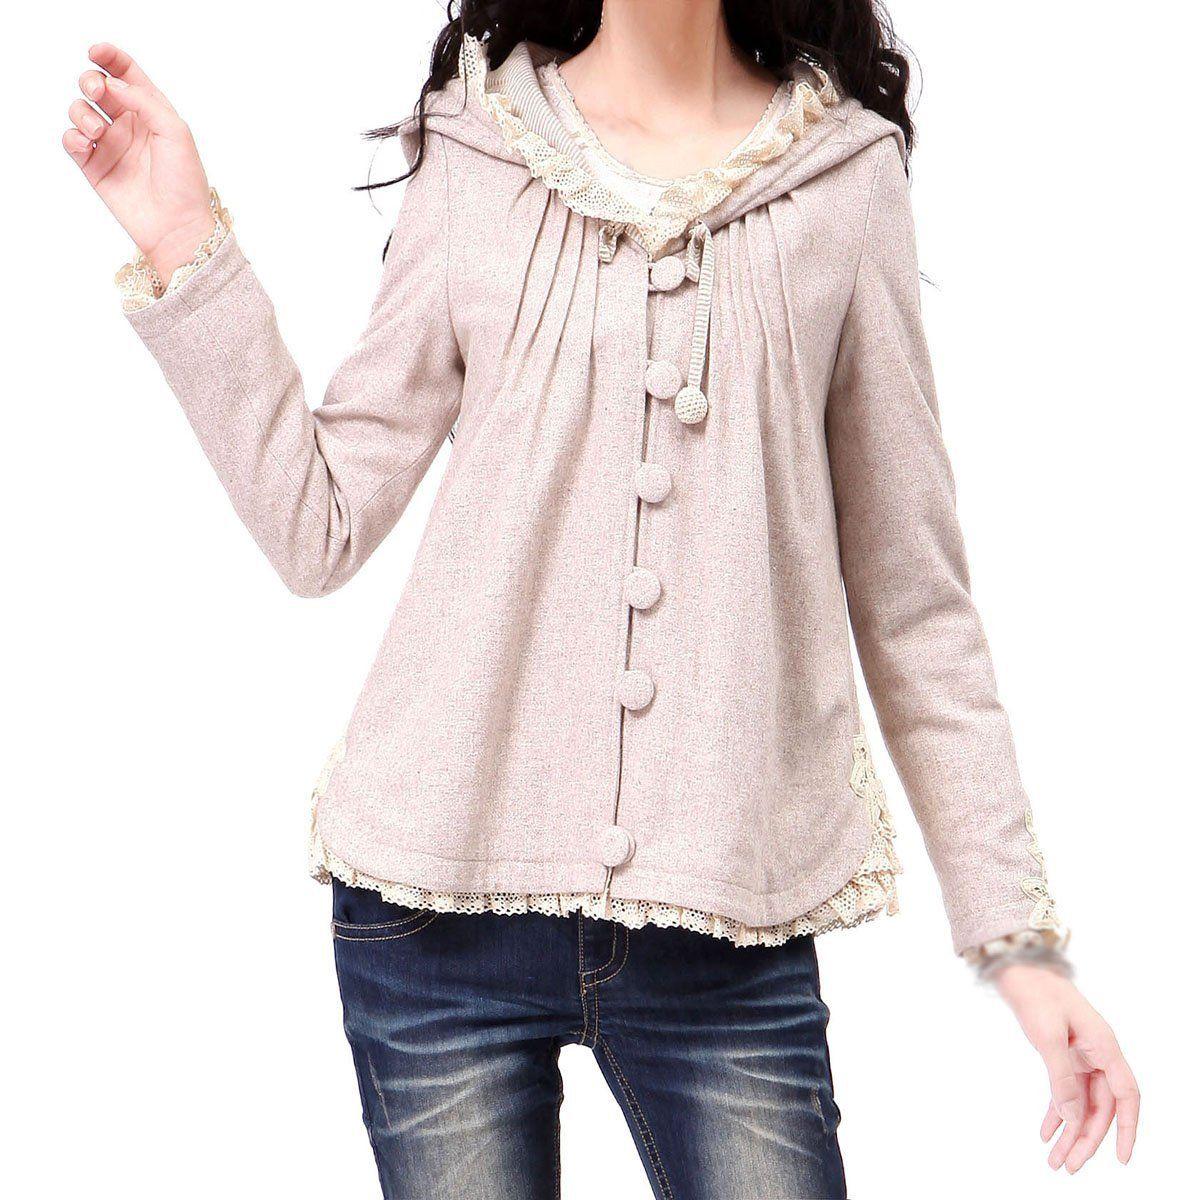 Artka Women S Lace-Trim Handmade Battenburg Lace Flannel Coat  Amazon.co.uk b3f479d23e7d9